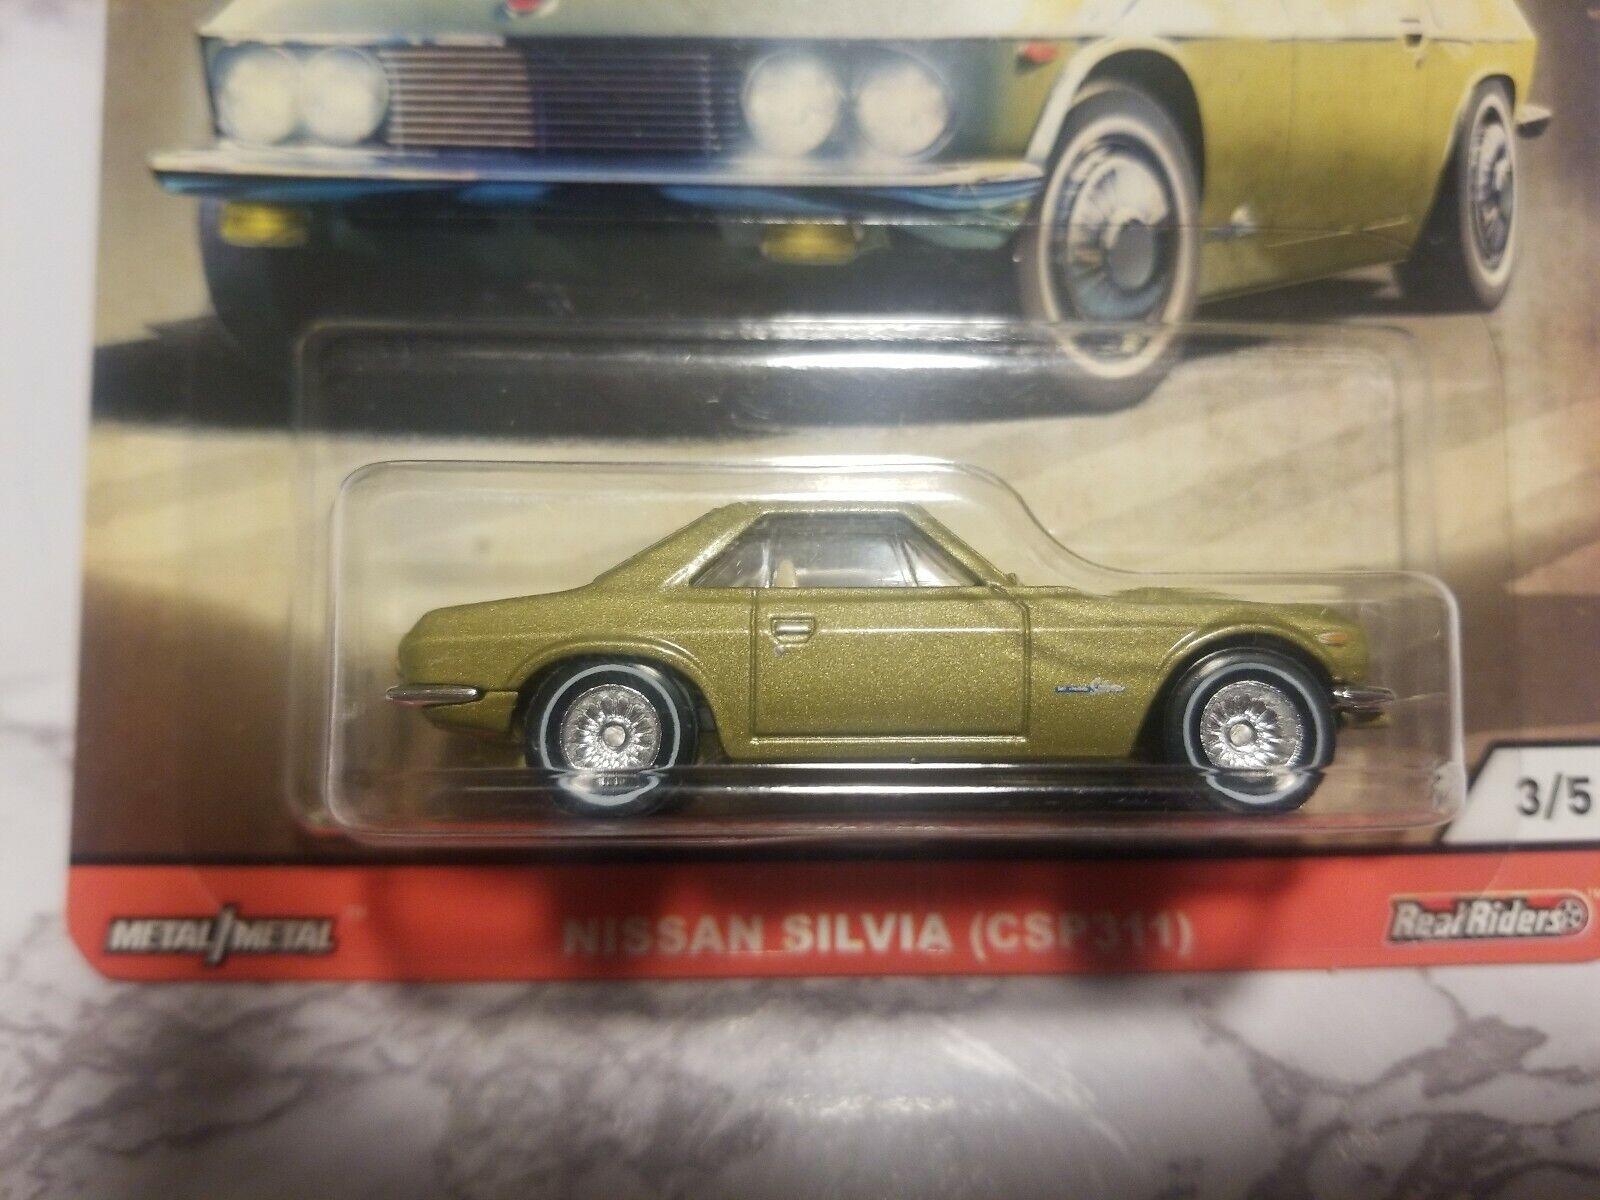 Nissan Silvia Japón Historics 3 Car Culture 1:64 Hot Wheels gjp85 fpy86 csp311